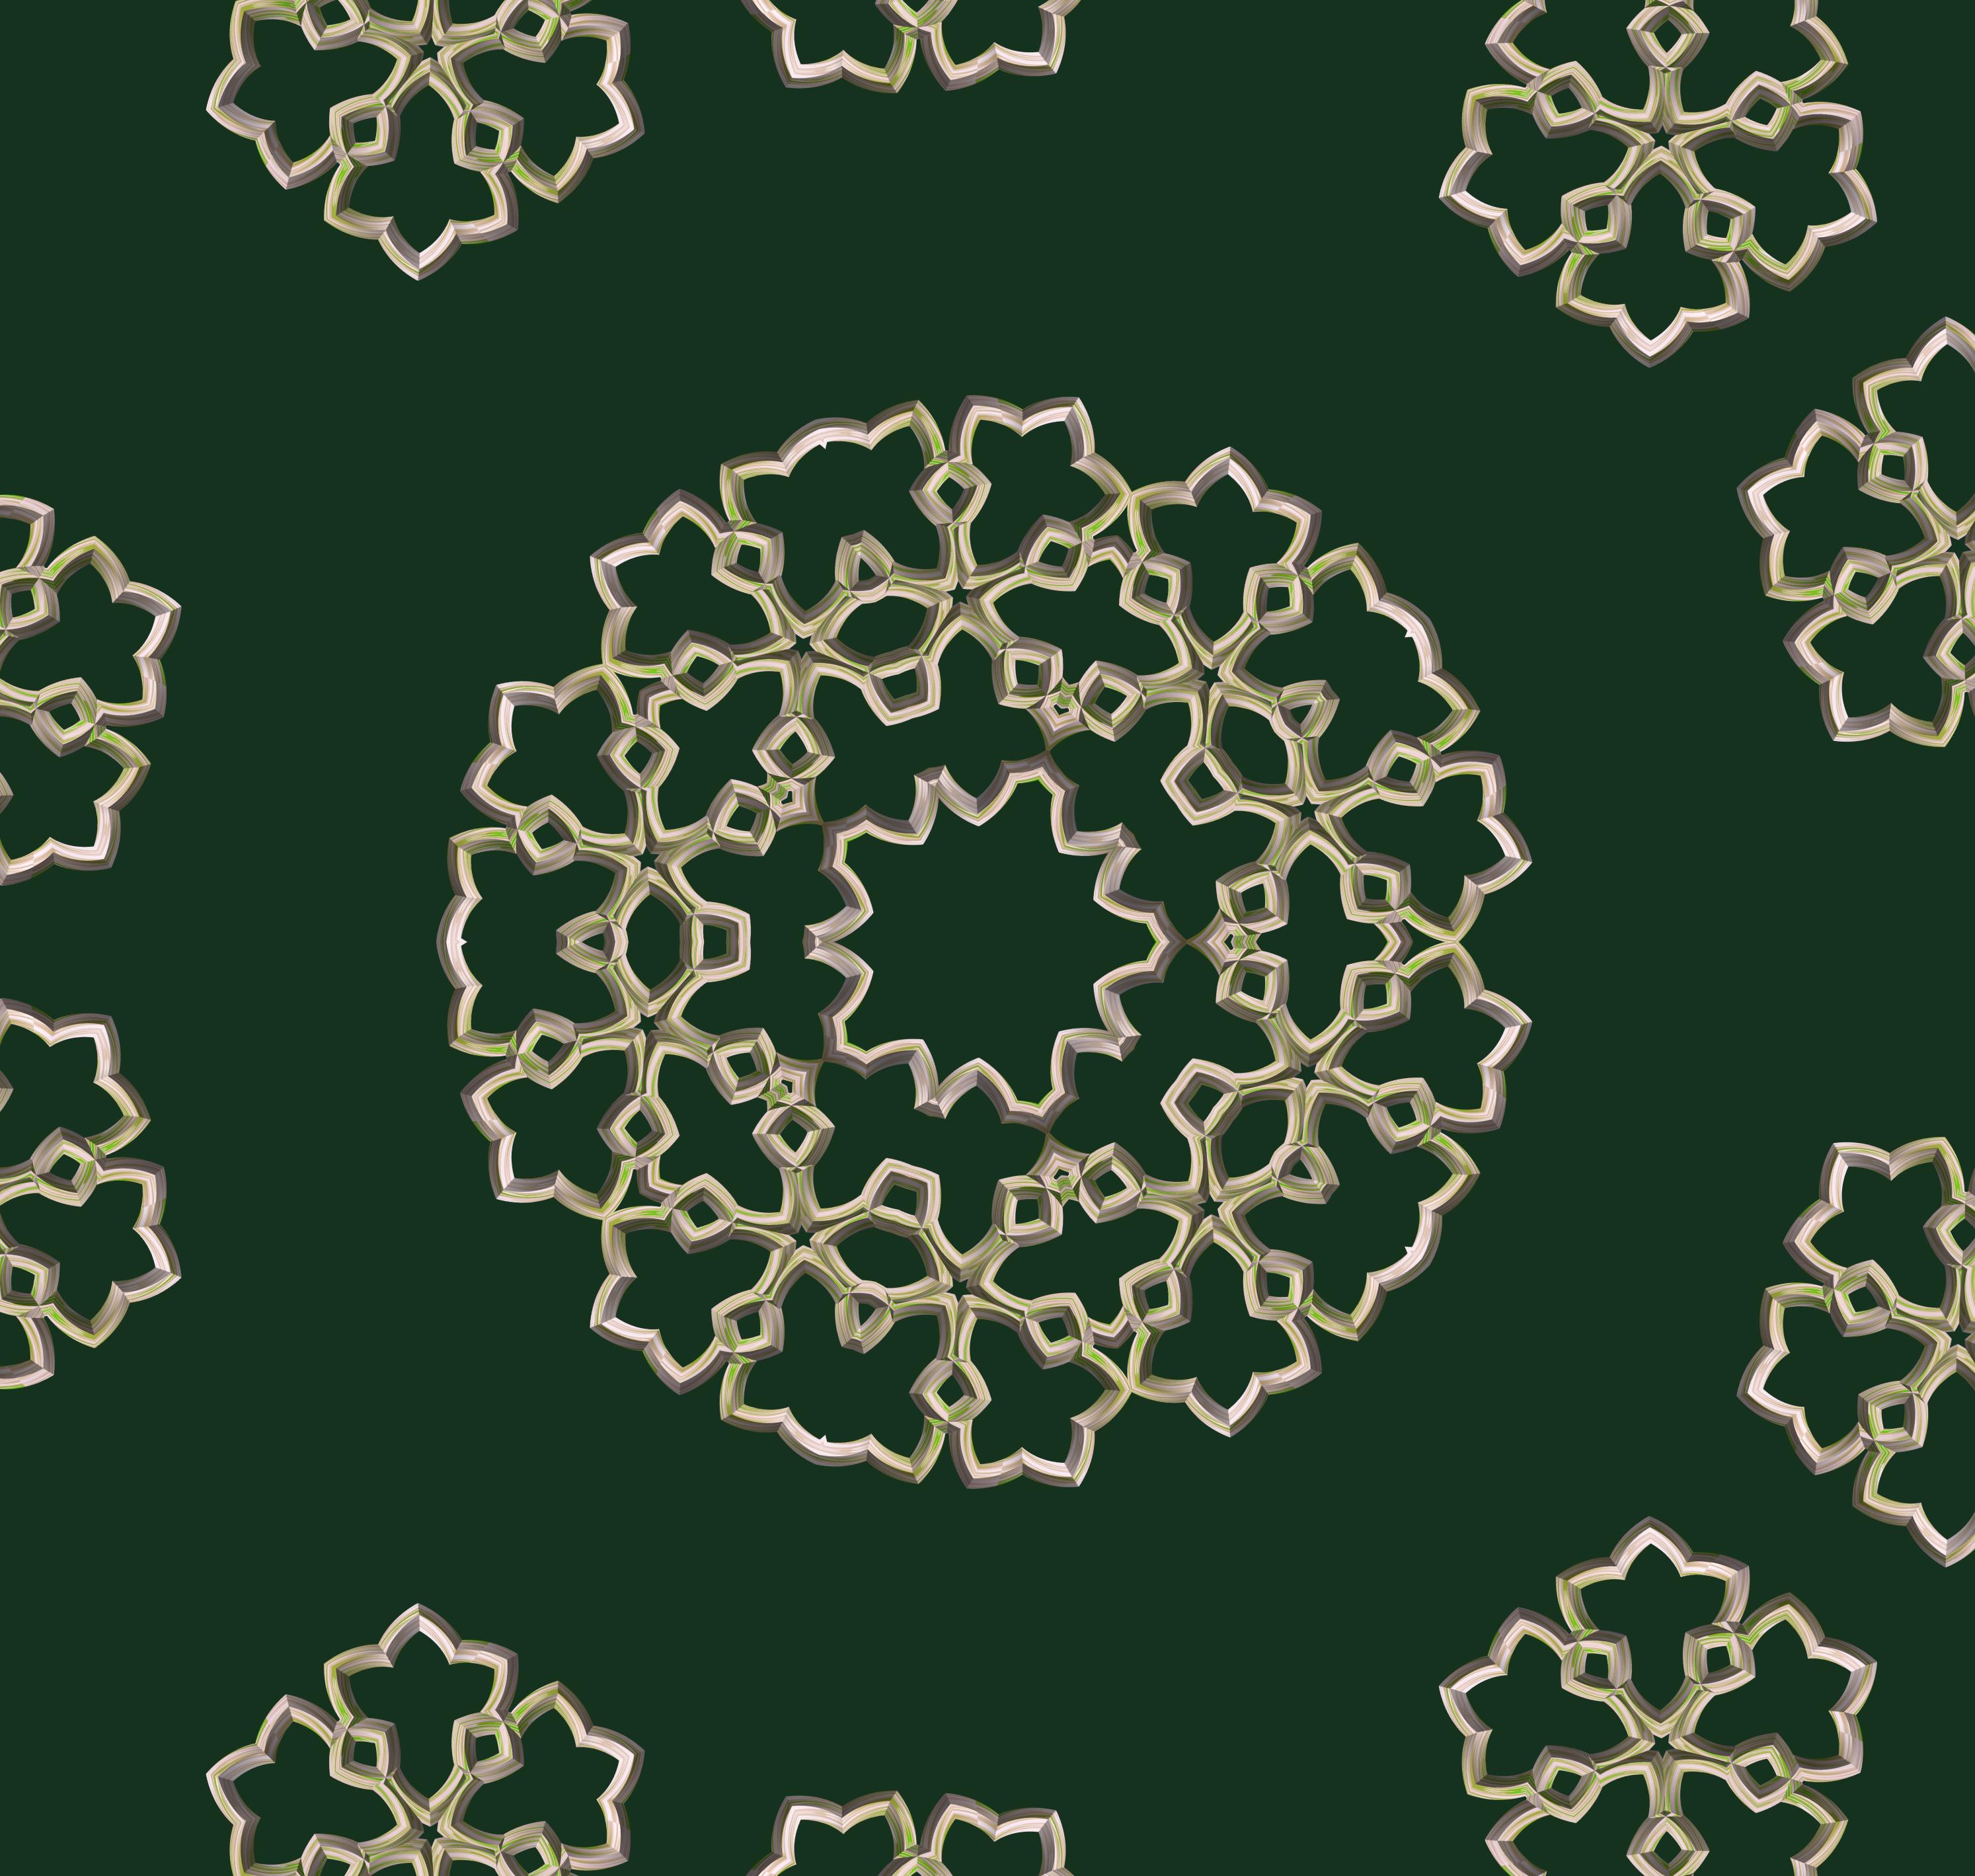 Fotos gratis : hoja, patrón, línea, circulo, diseño, simetría ...